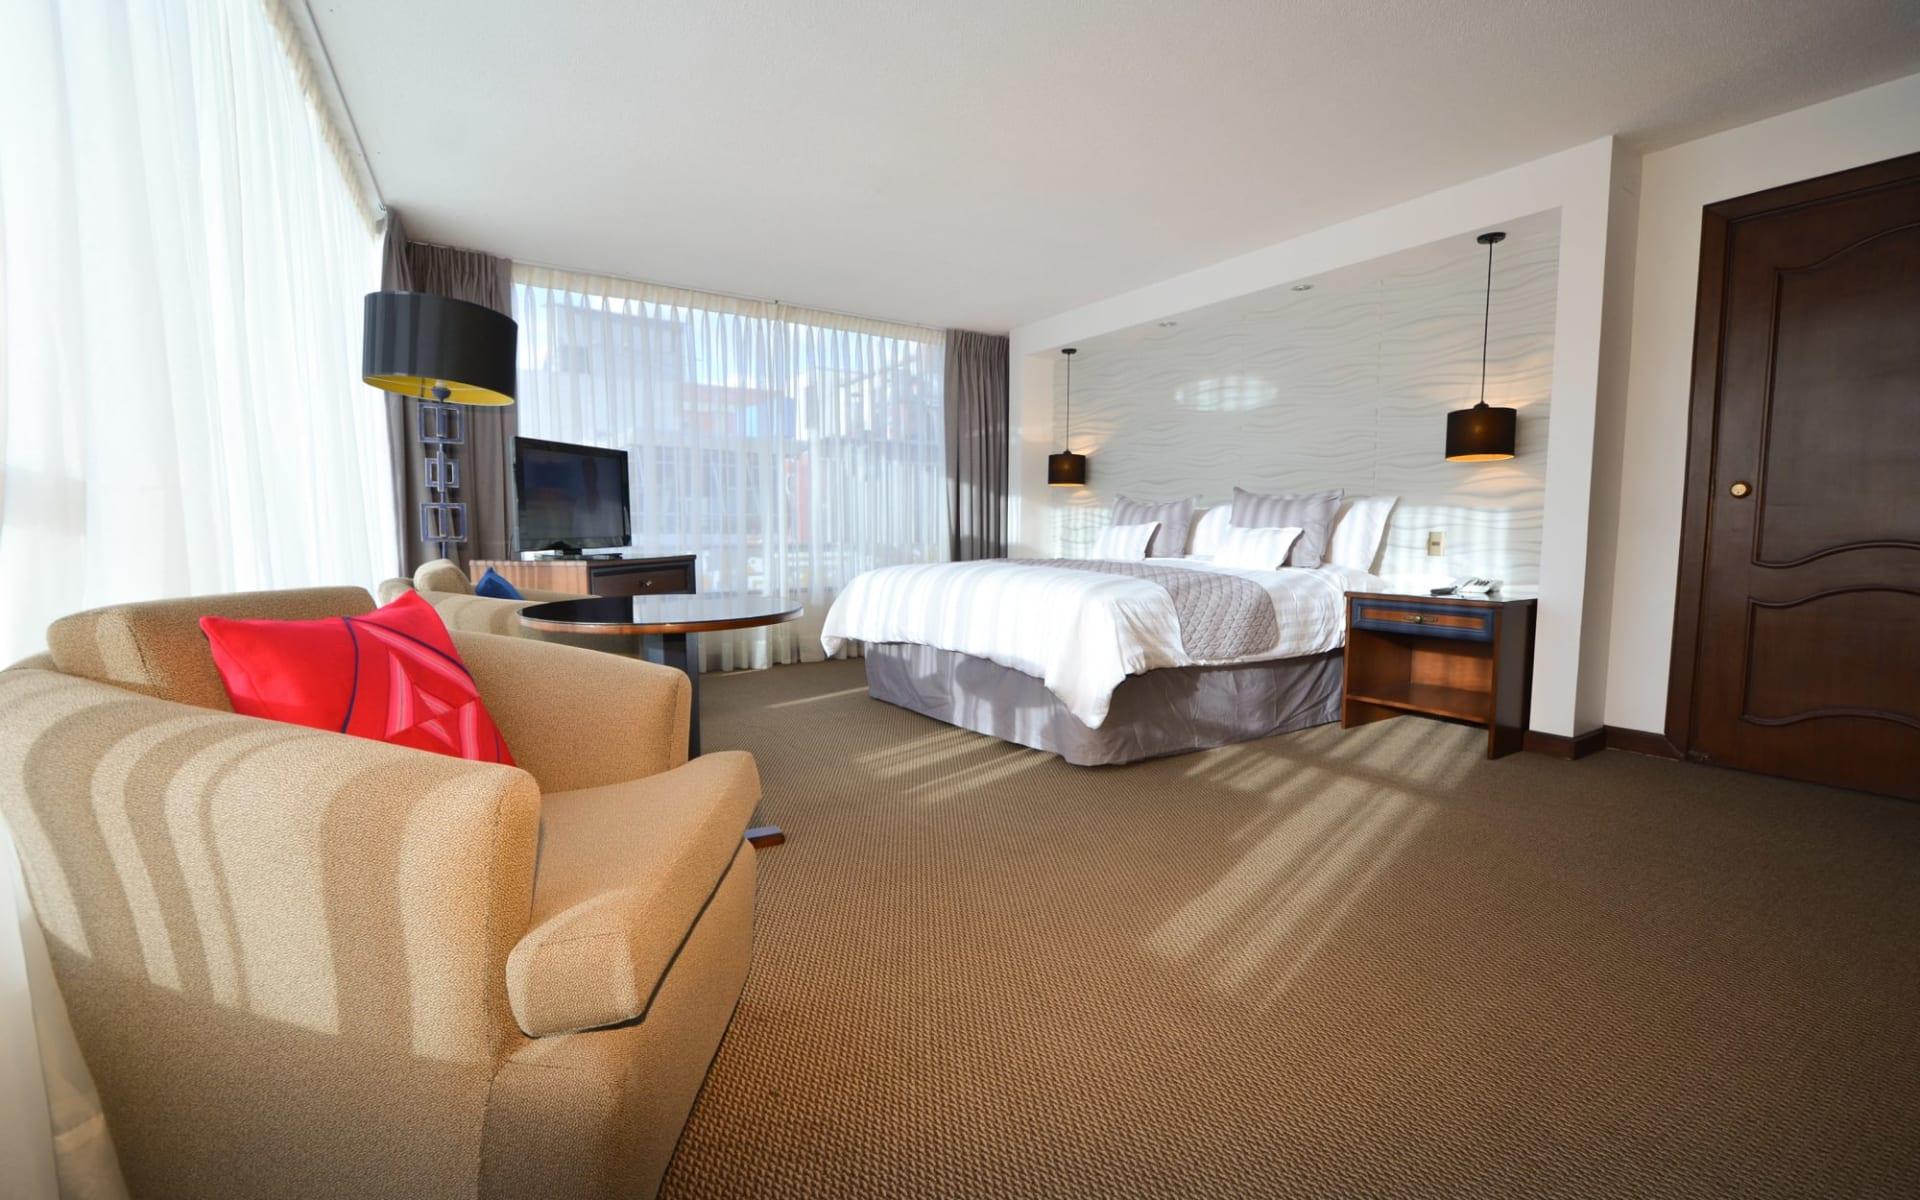 Hotel Presidente in La Paz: Habitacion remodelada una cama